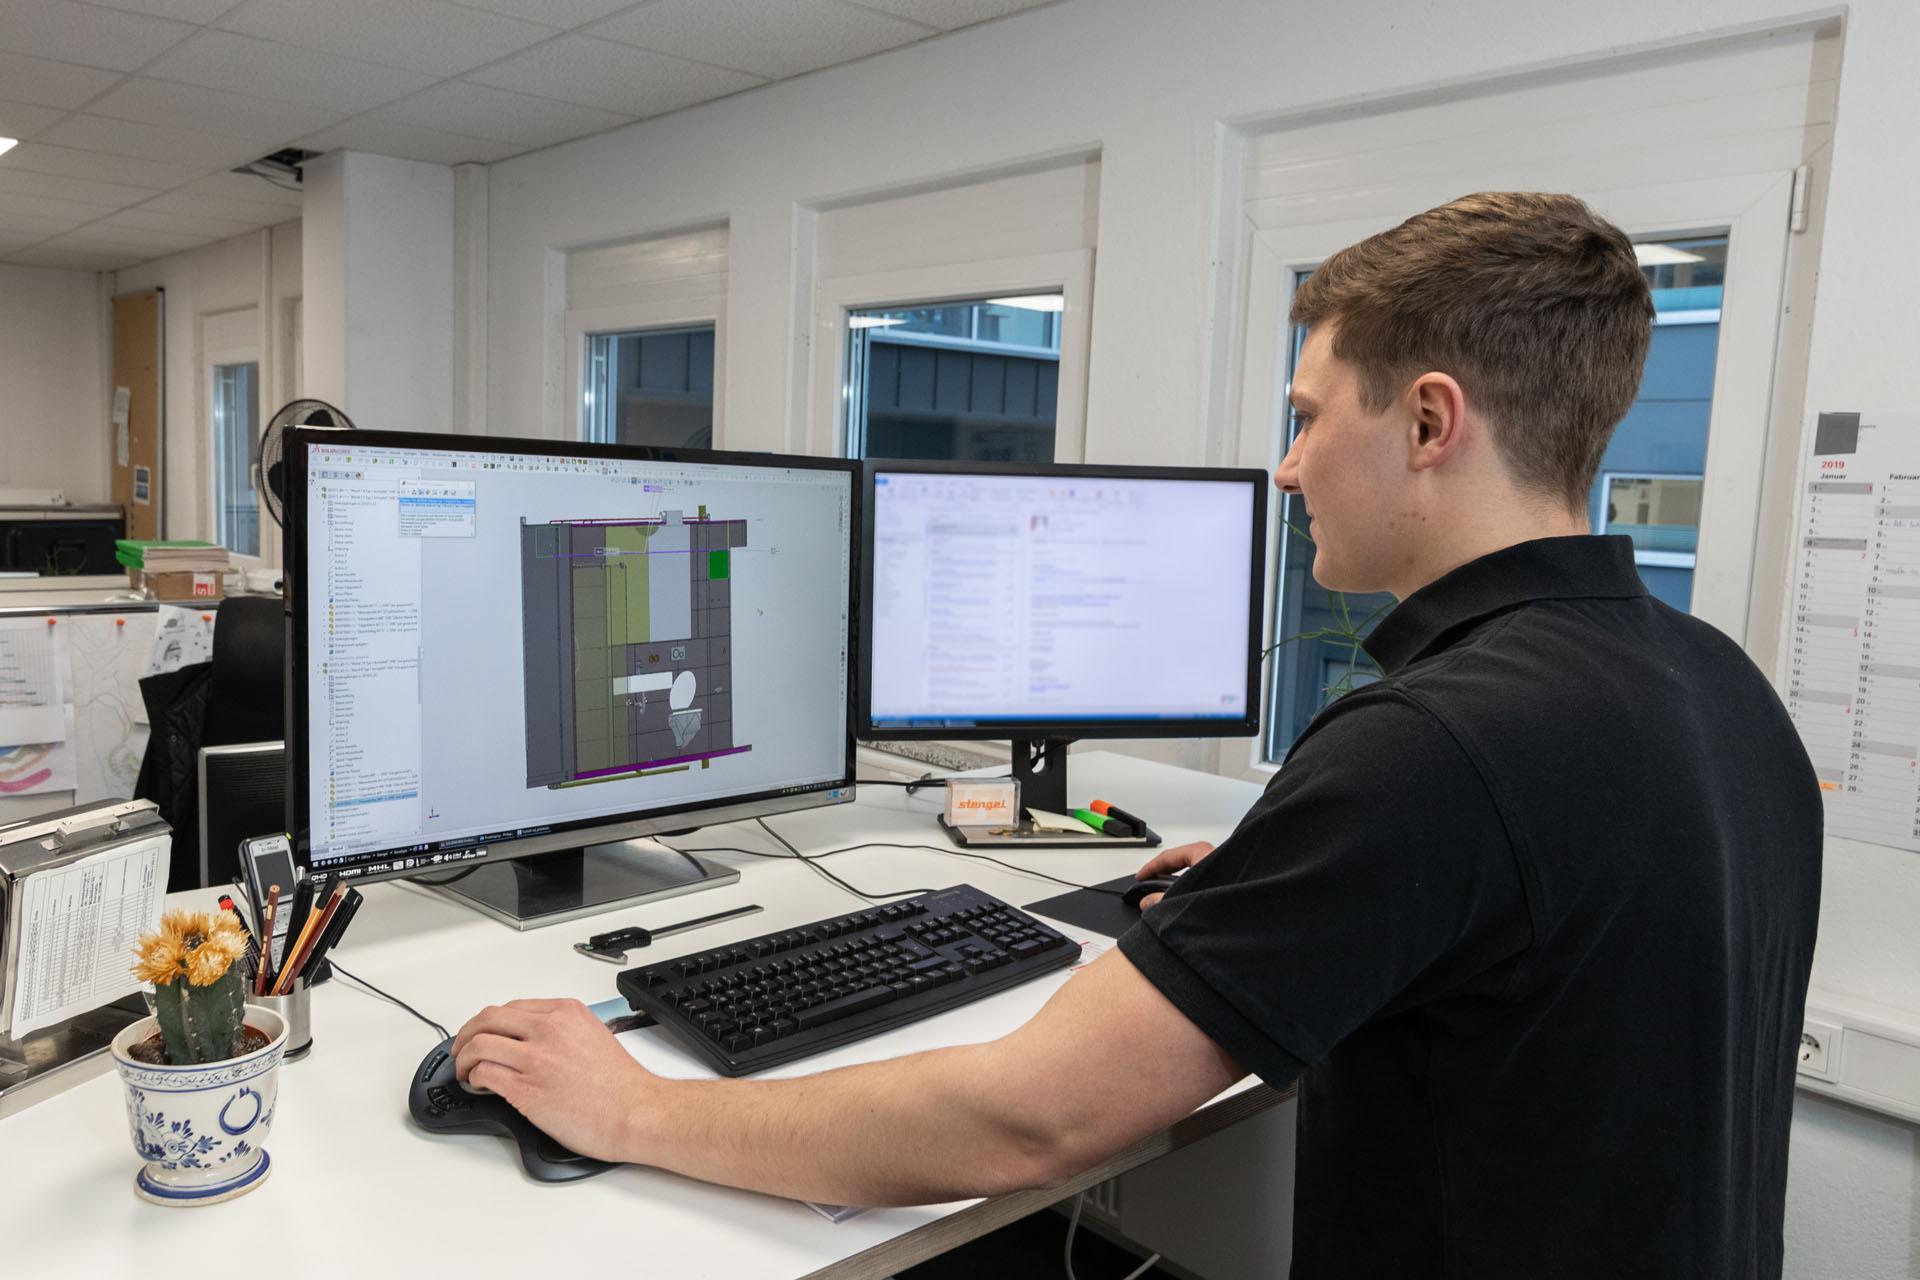 Stengel Büro Konstruktion Beruf